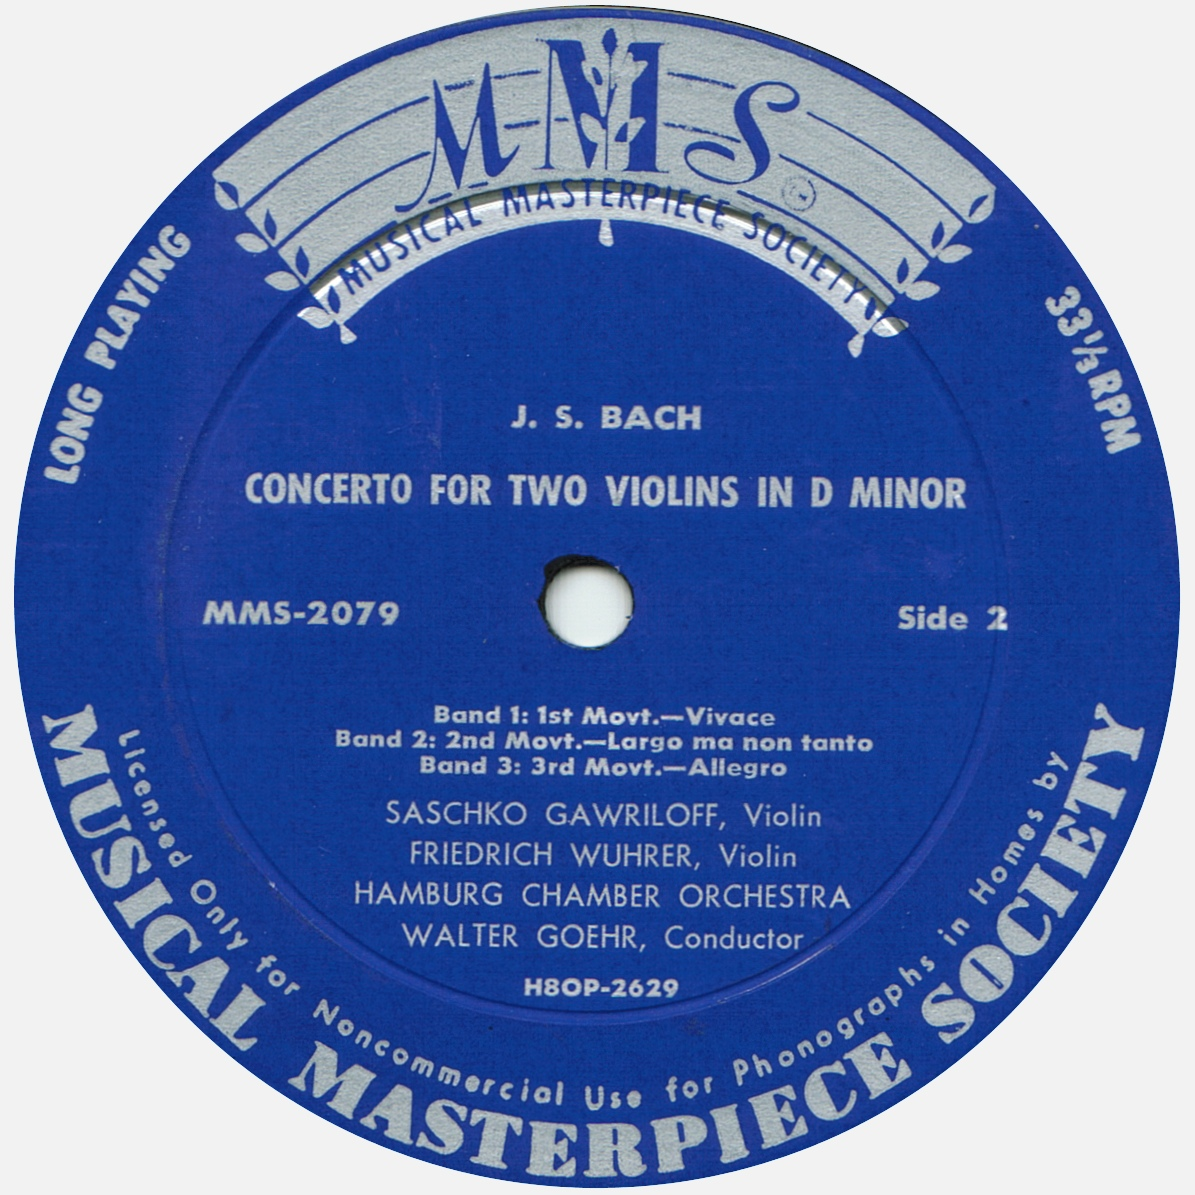 Étiquette verso du disque MMS-2079